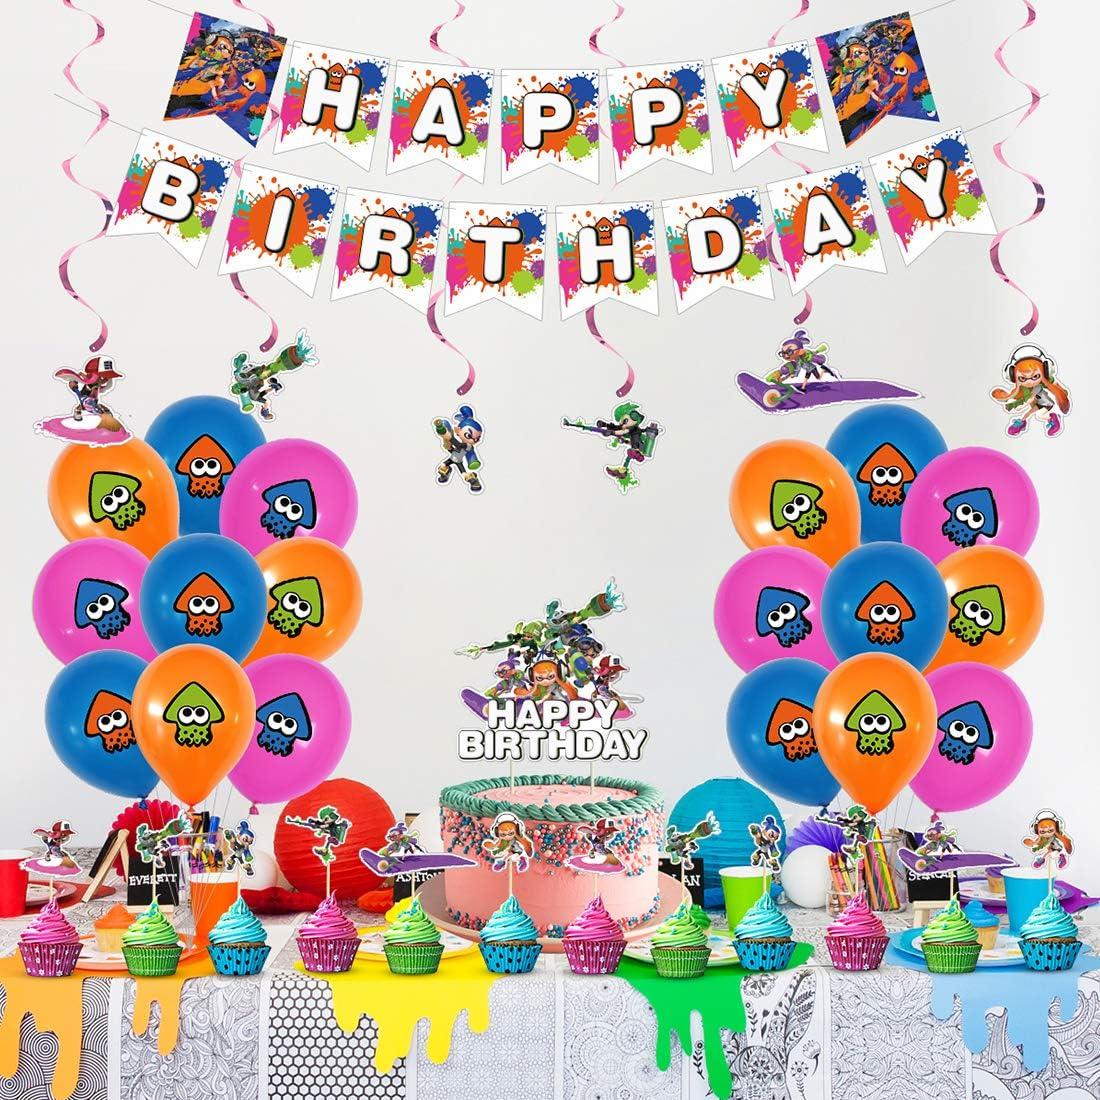 Palloncini Party Splatoon,Splatoon Forniture per Feste di Compleanno di Splatoon includono Banner,Palloncini striscioni Cupcake per Feste Tema di Compleanno Baby Shower Decorazioni